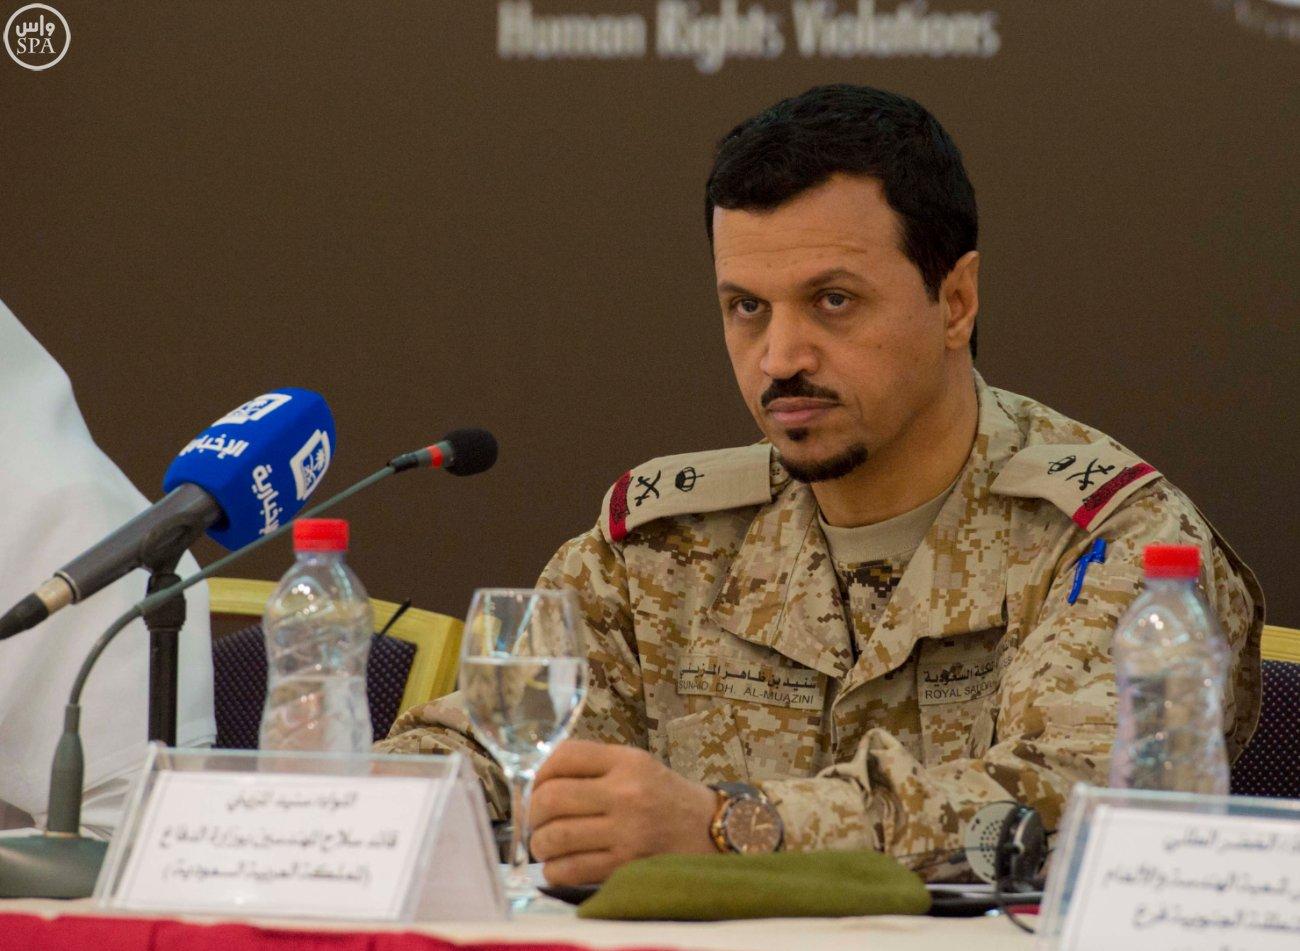 الألغام تحصد أرواح أبرياء اليمن.. ومطالبات للمجتمع الدولي بتجريم وحشية الميليشيا (4)